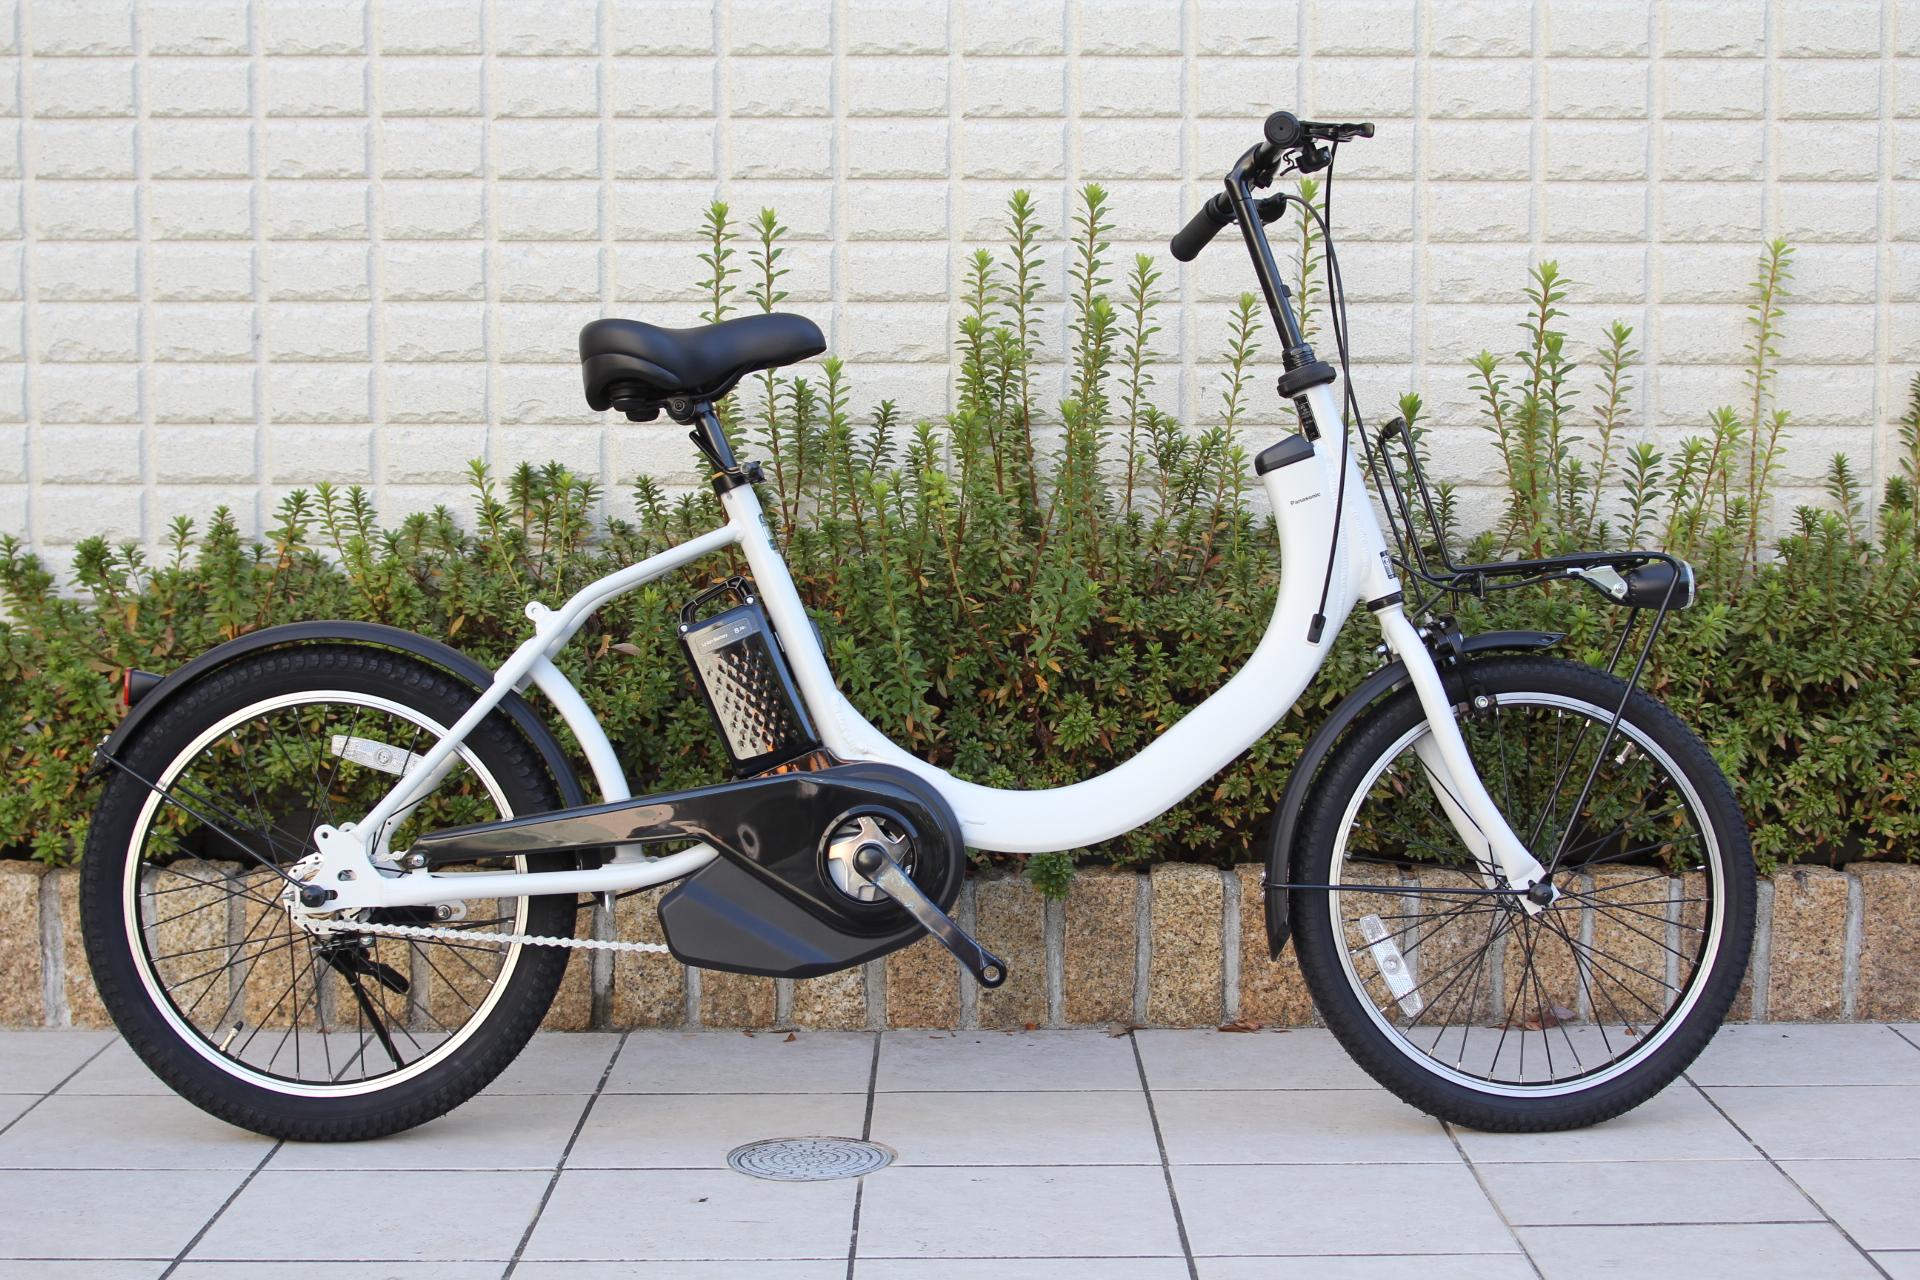 ライフスタイルに合わせてカスタムしやすい低価格電動自転車